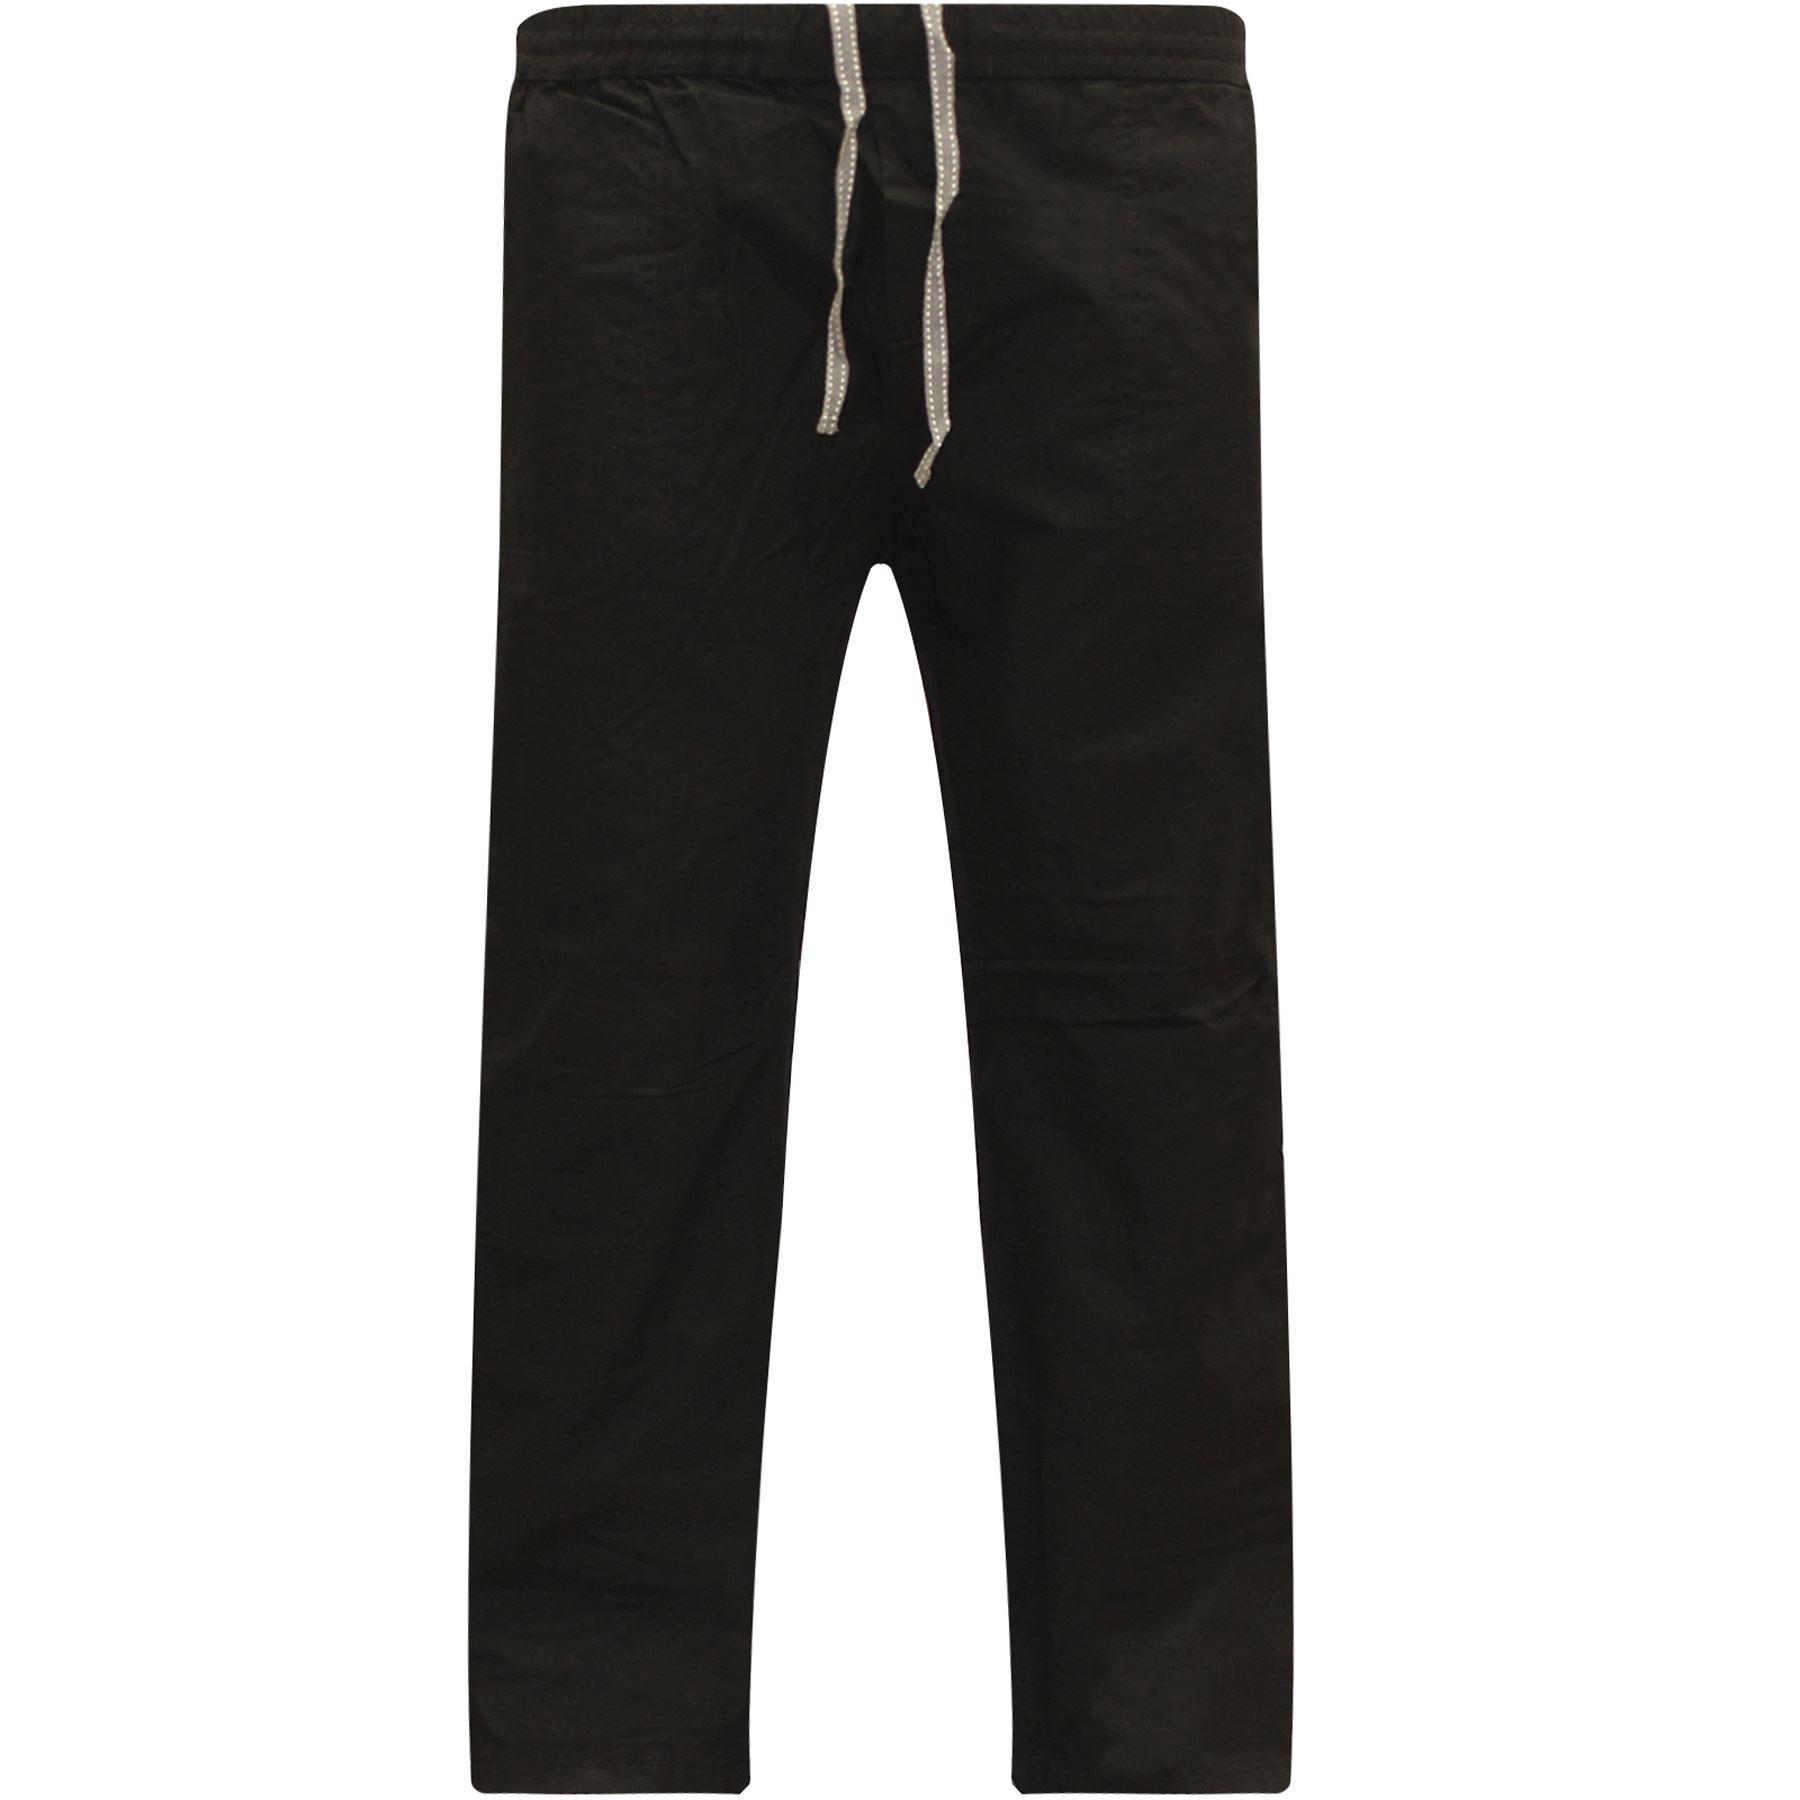 Свободные дышащие повседневные штаны для фитнеса, мужские прямые штаны для танцев, одноцветные с карманом, мужские длинные штаны для йоги, брюки большого размера Штаны для йоги      АлиЭкспресс